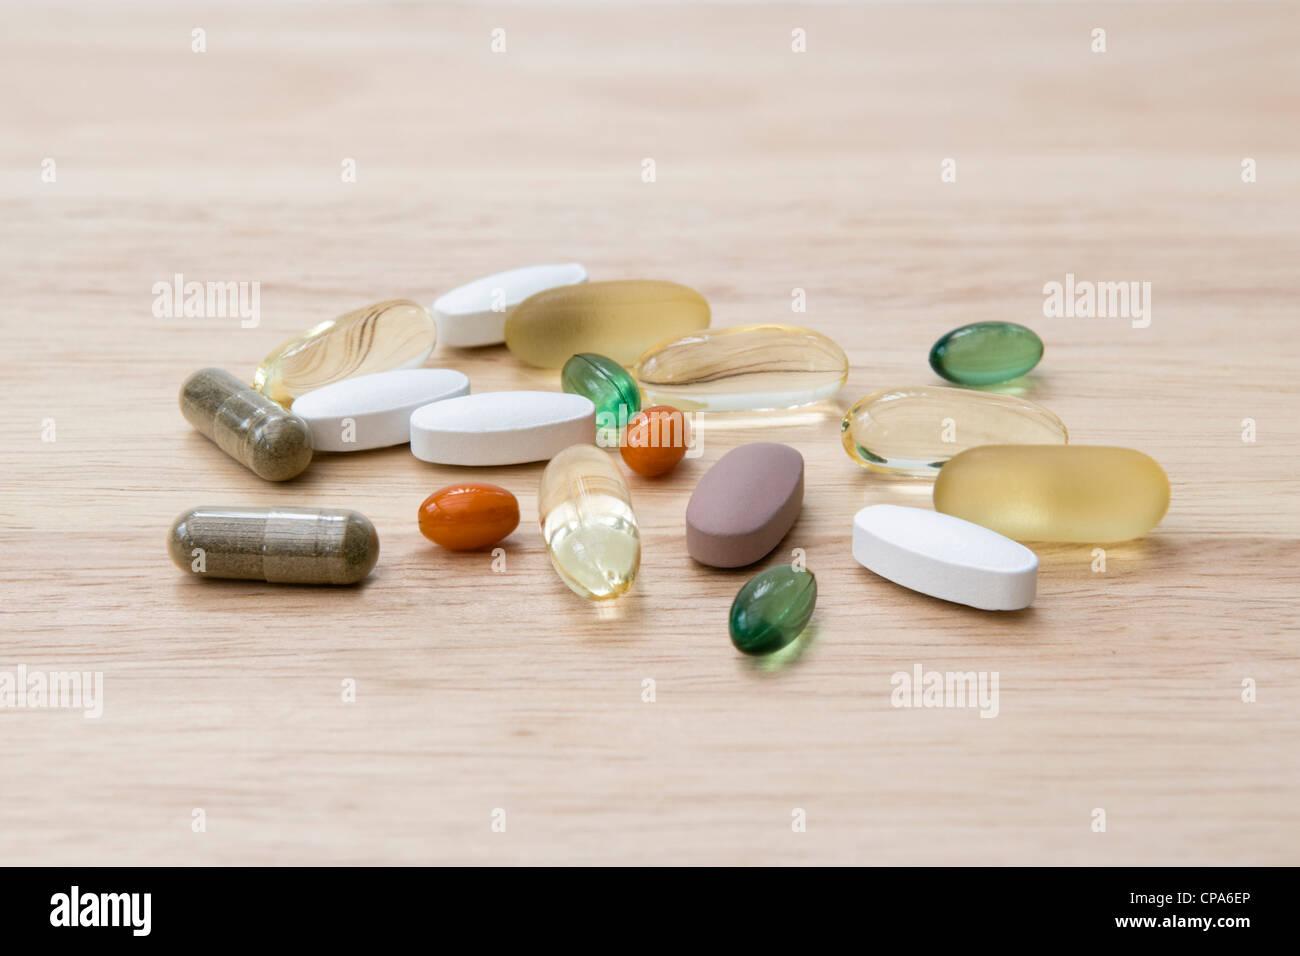 Auswahl von Vitamin-Ergänzungen (Omega-3, Co-Enzym Q10, Pfefferminze, Chondroitin, Ginkgo und Ginseng) auf Stockbild